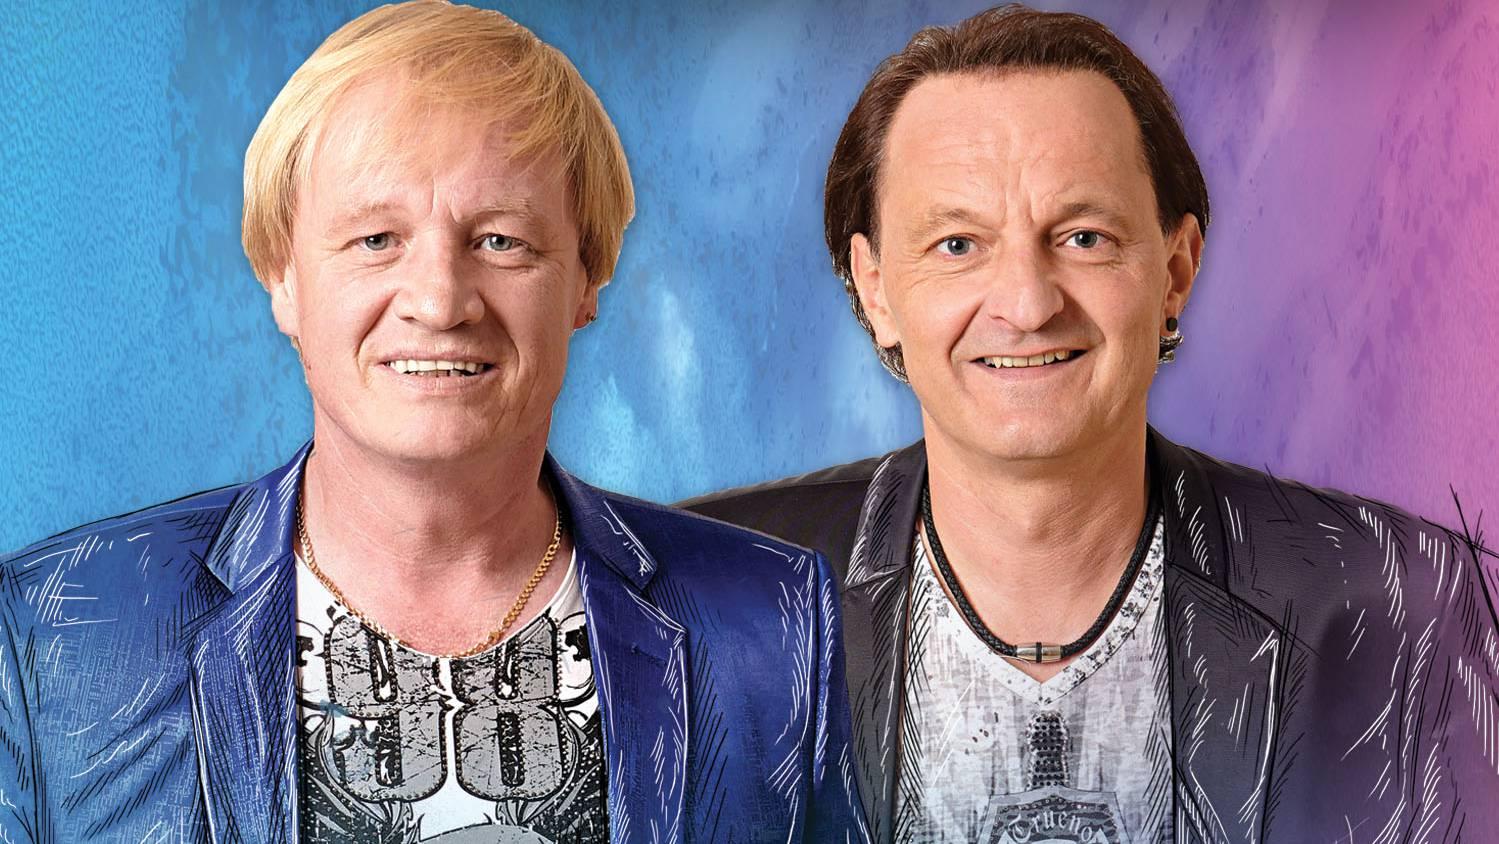 Mario und Christoph - Online LIVE Konzert - 15. März 2020 - 20:15